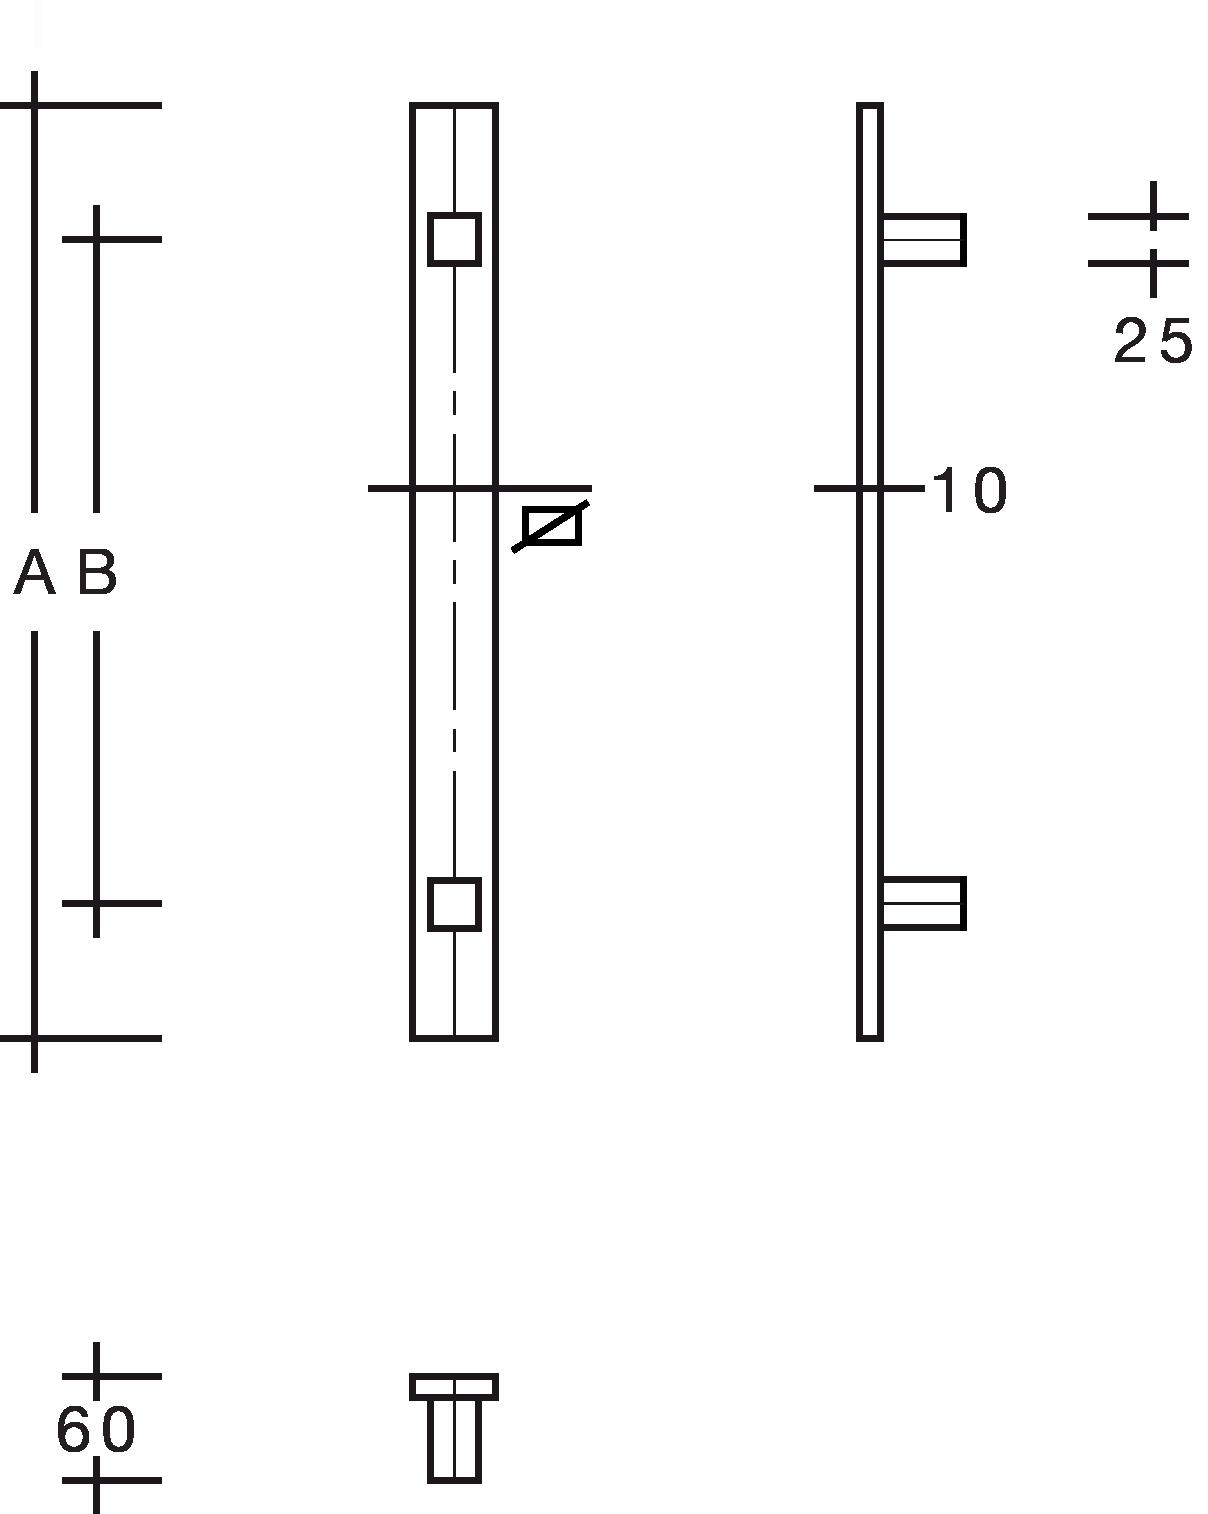 behle Haustürgriff Türgriff Griffstange Stoßgriff ES 4010.17... aus Edelstahl mit geraden Stützen für Haustüren